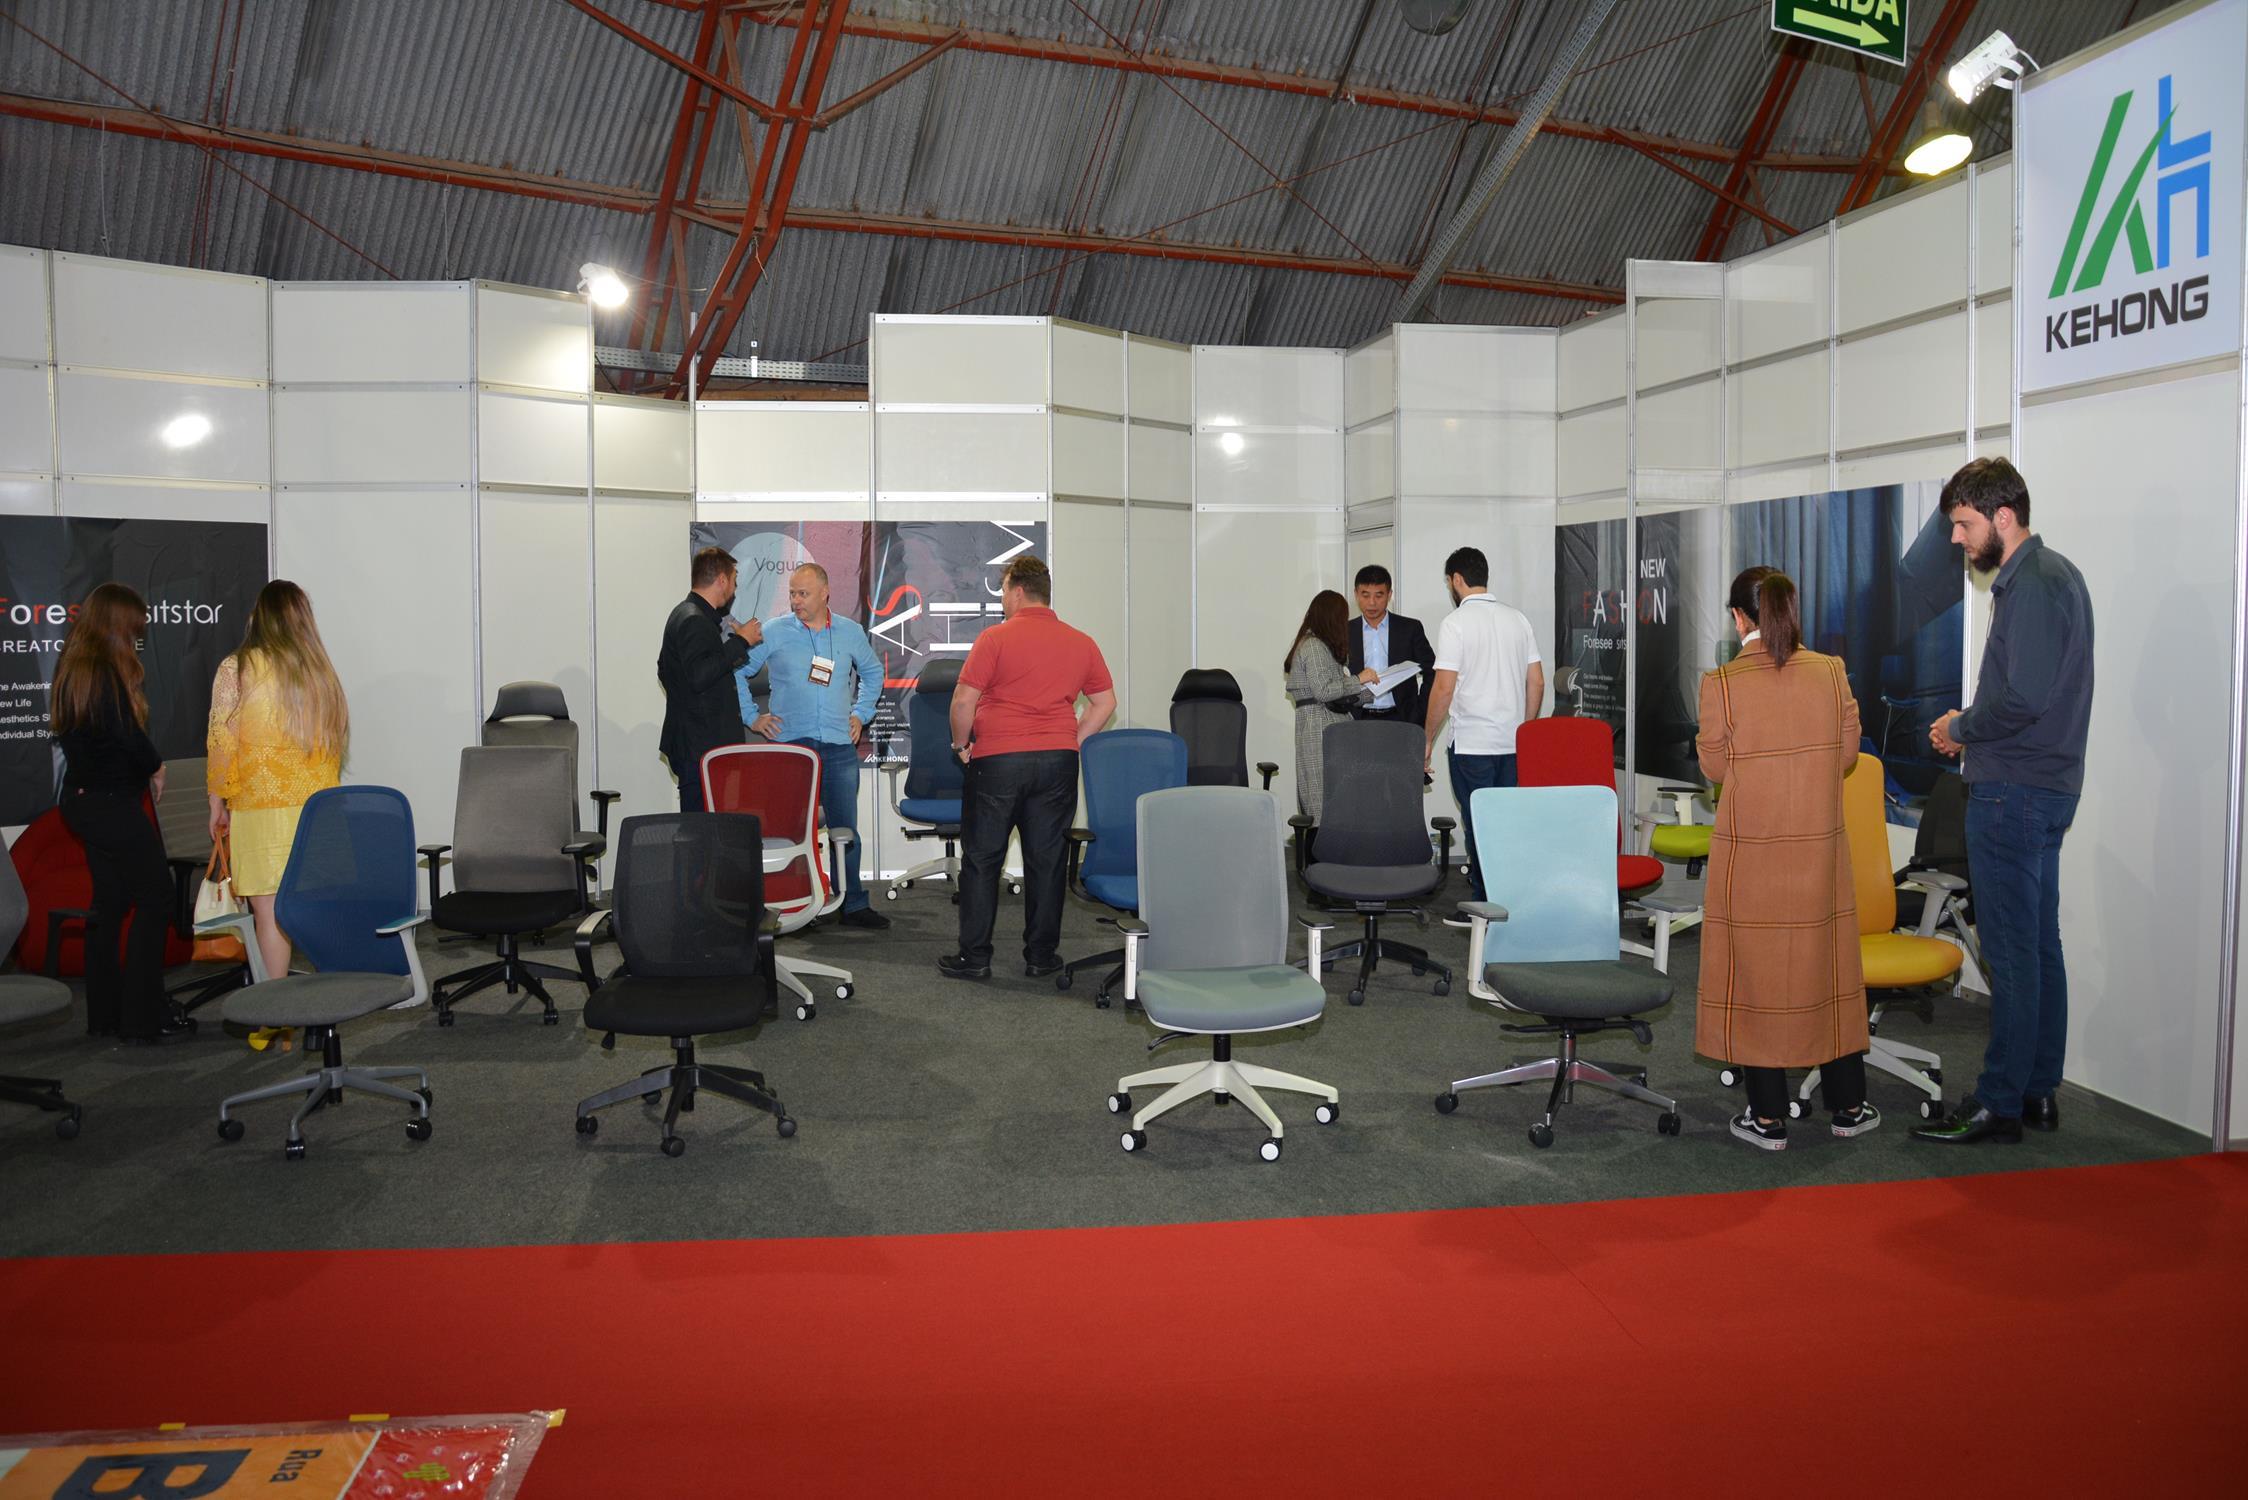 Kehong e Sitstar é a primeira empresa internacional expondo na Mercomóveis